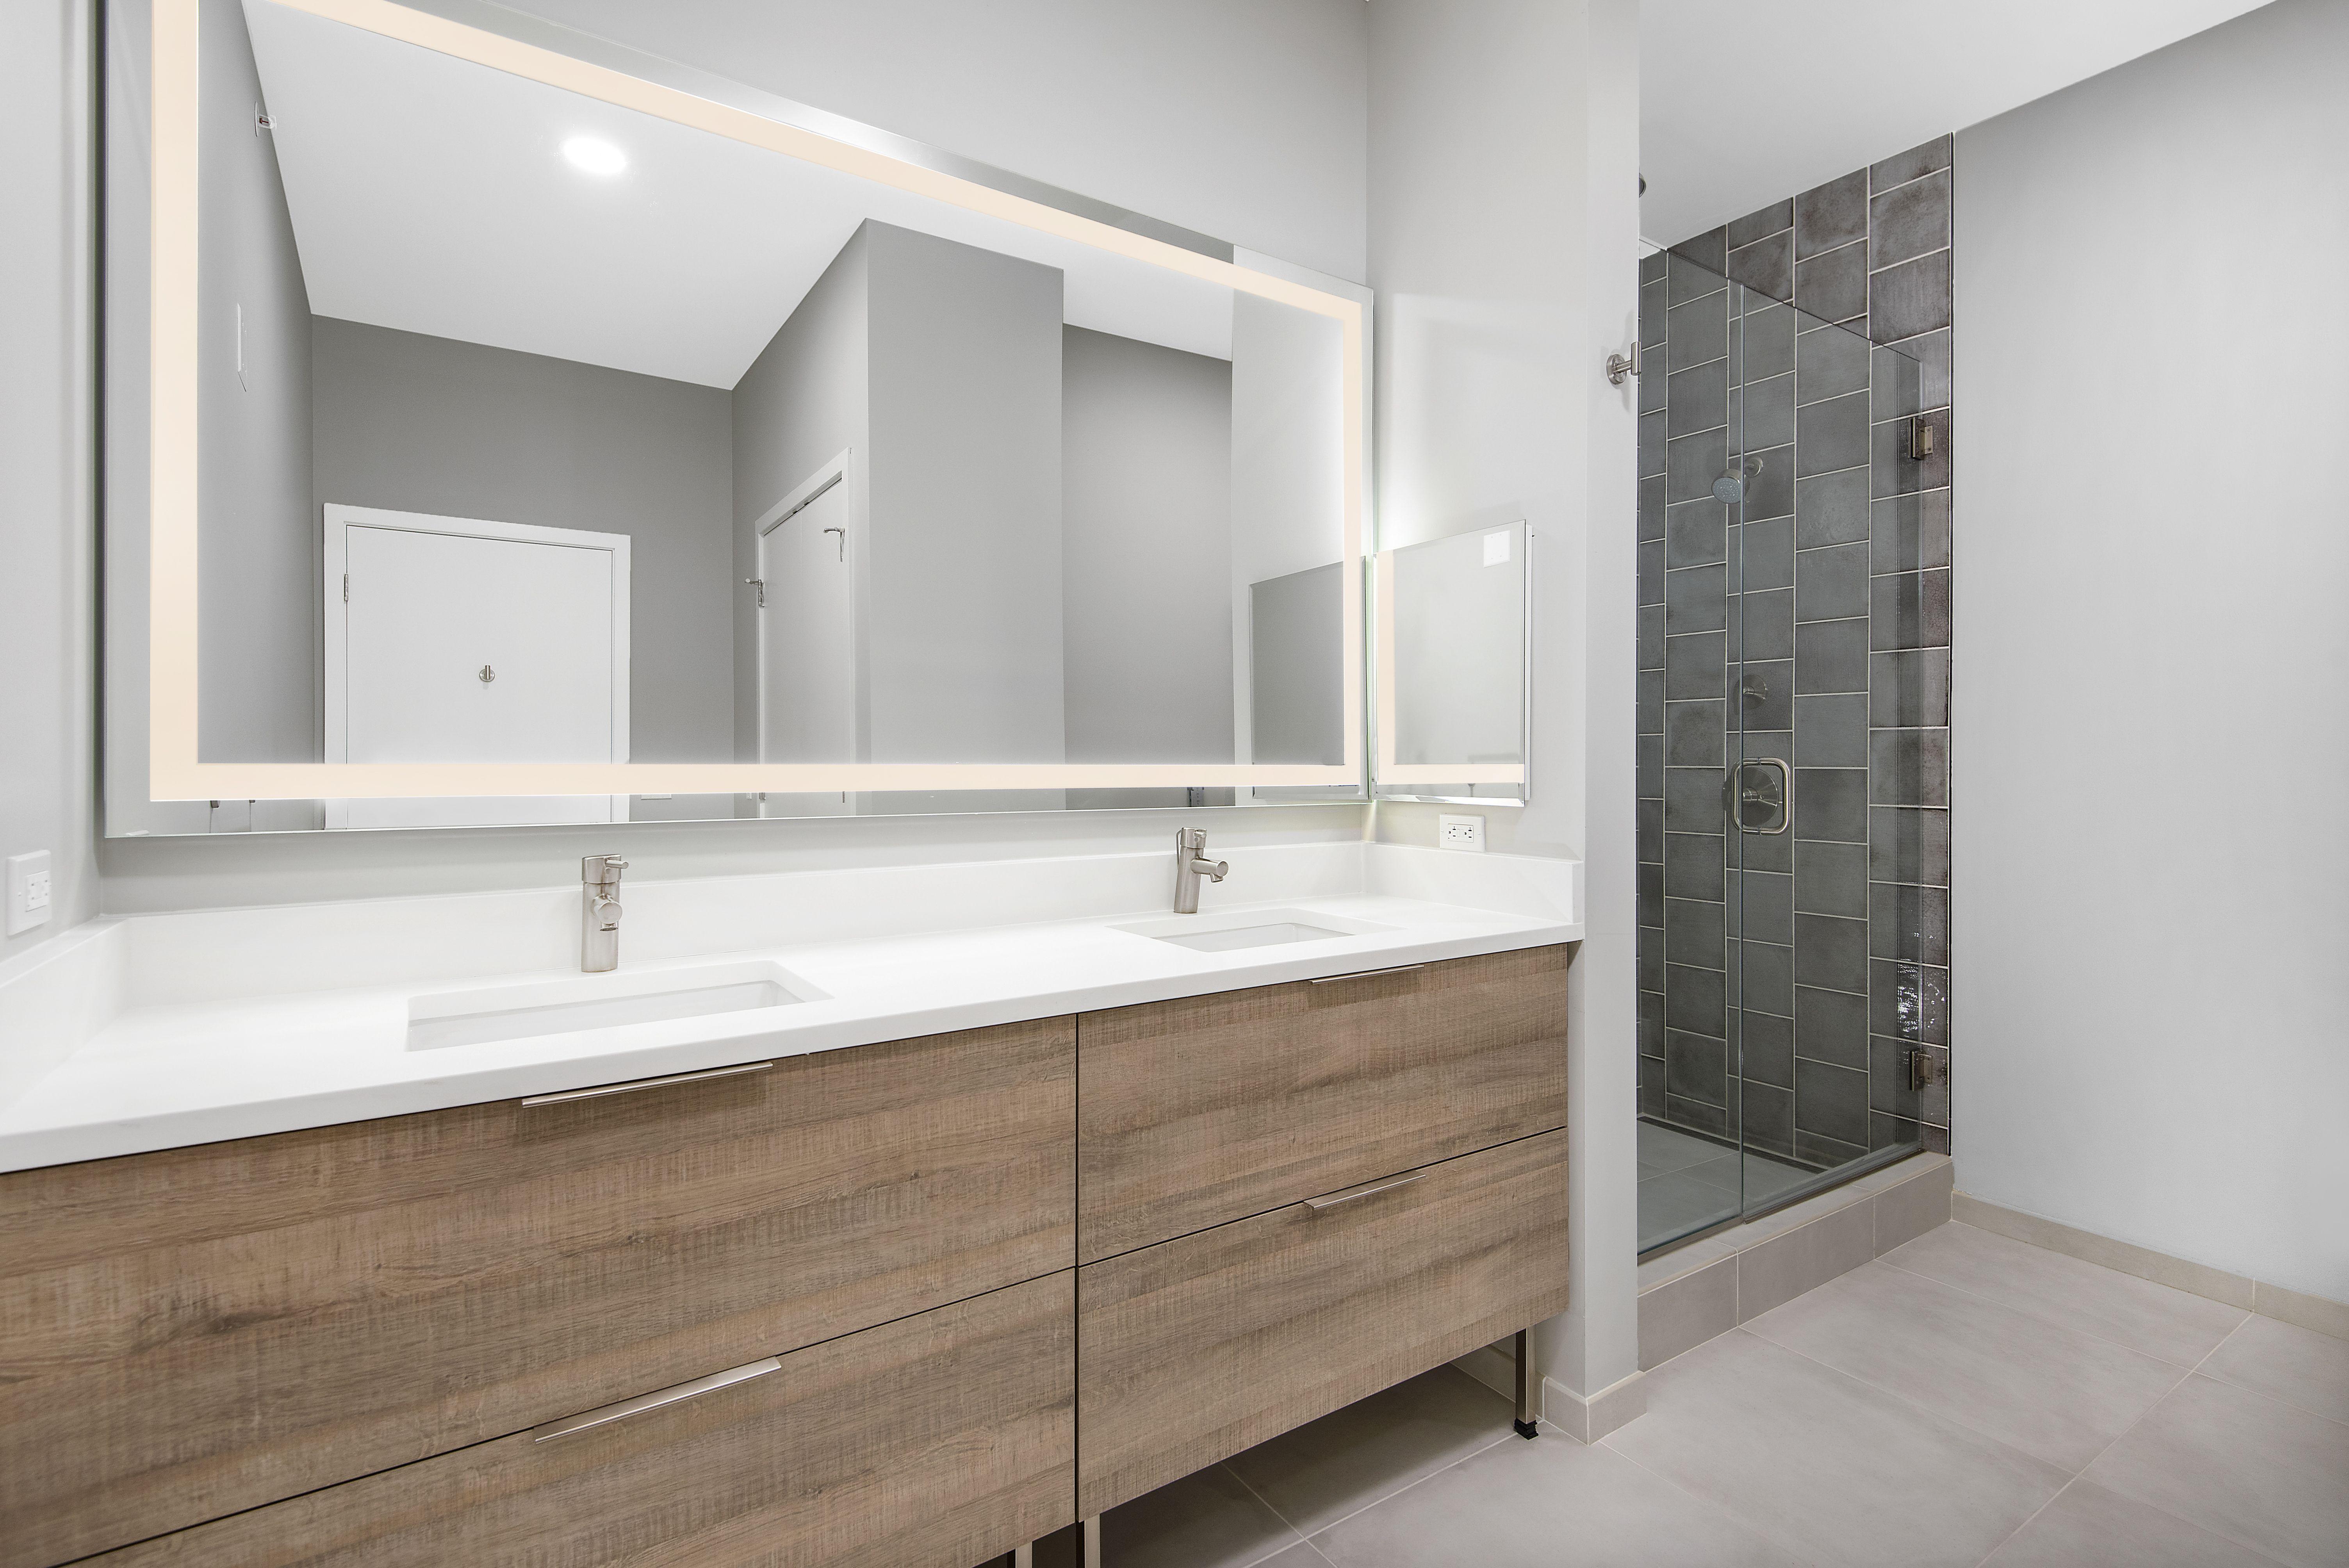 Aurélien Chicago Penthouse Bathroom Design in 2020